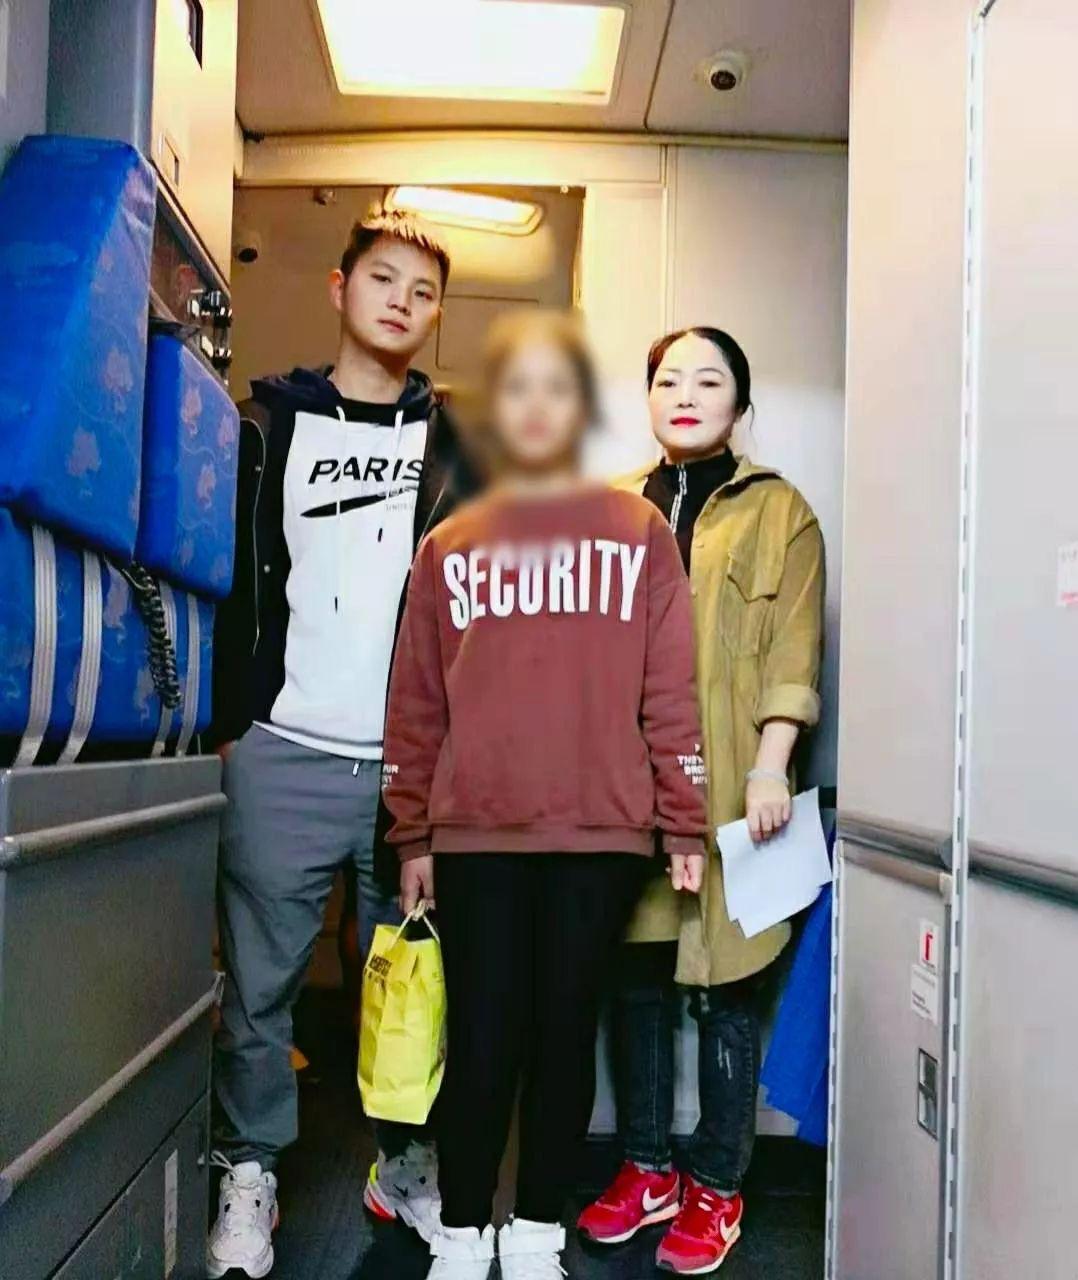 13岁柬埔寨女孩被骗婚至中国,警方助其与家人团圆